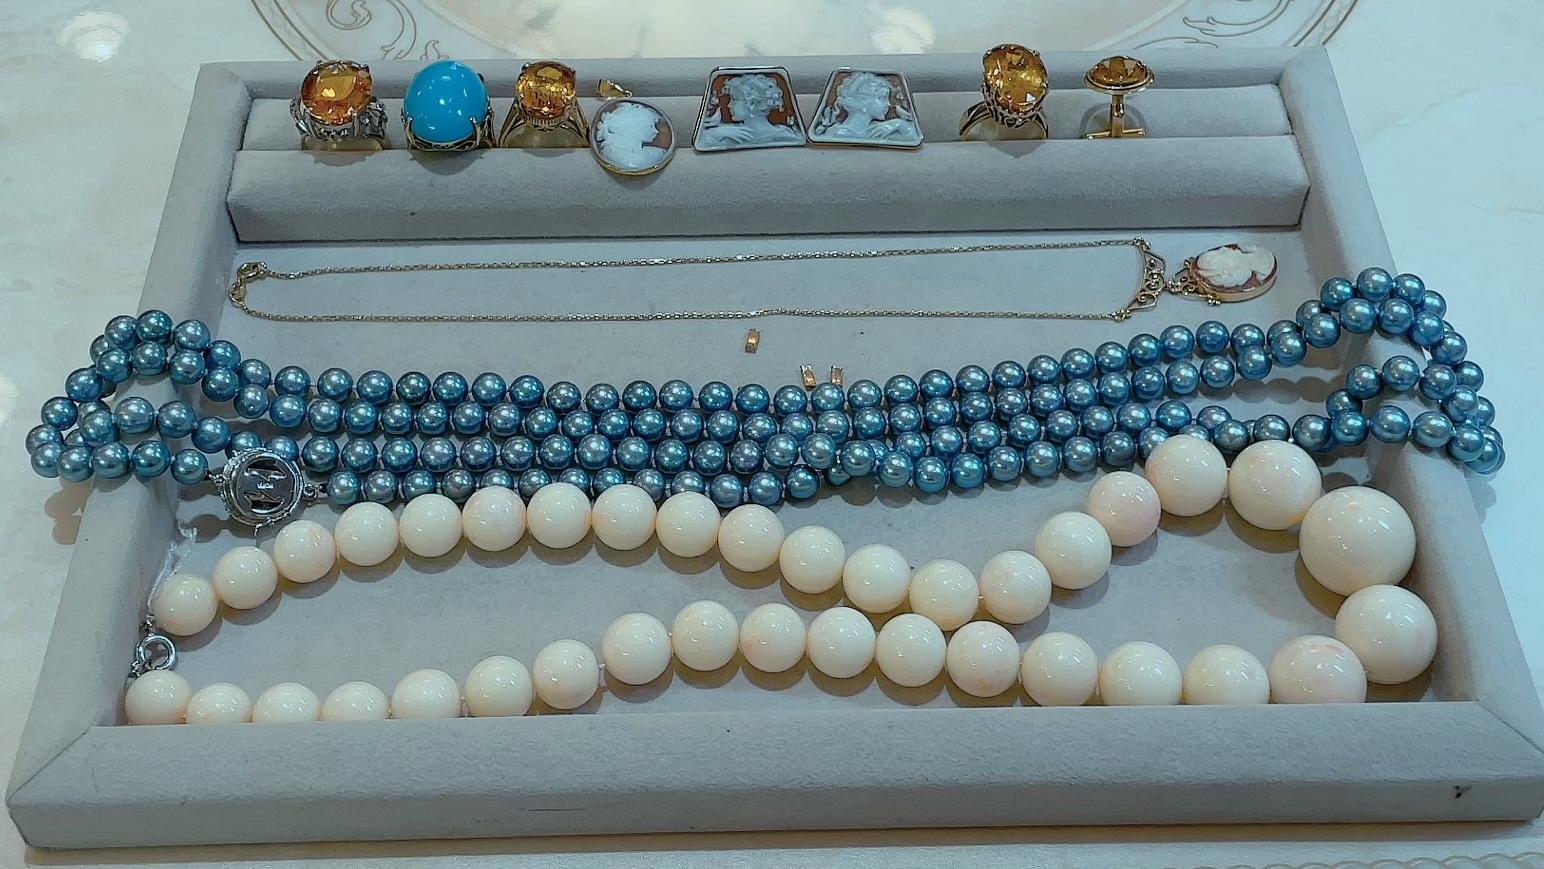 【買取速報】グレーパール、シトリン、ダイヤモンド、トルコ石、珊瑚(コーラル)、ネックレス、ピ-2021-09-03